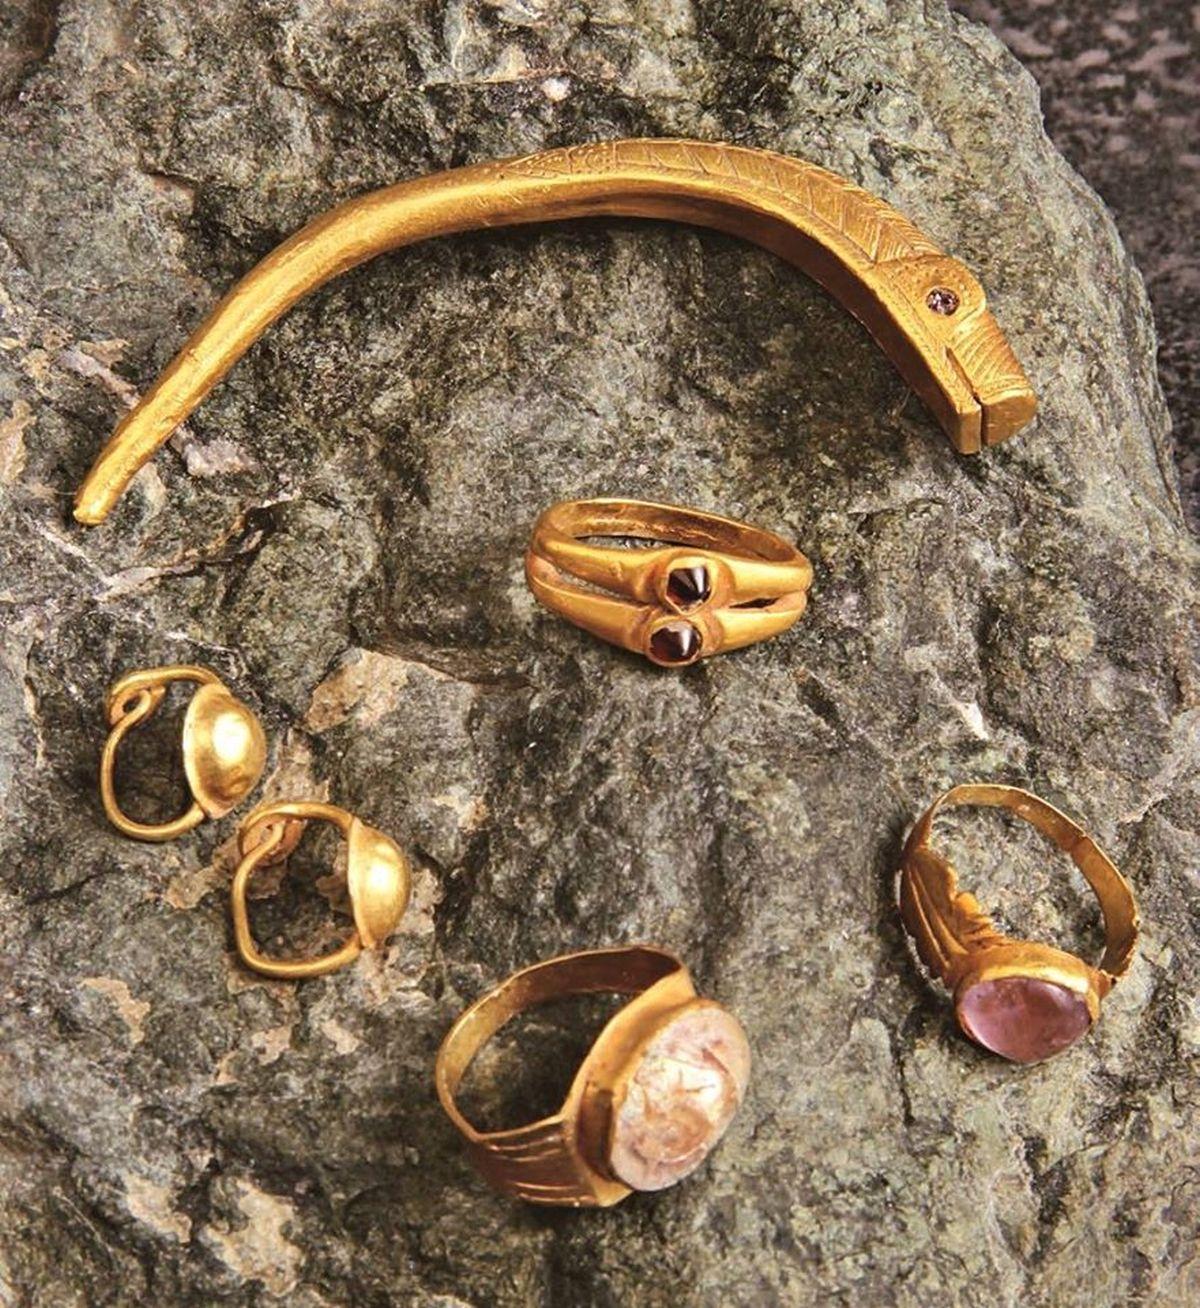 Rzymska złota biżuteria znaleziona w Serbii